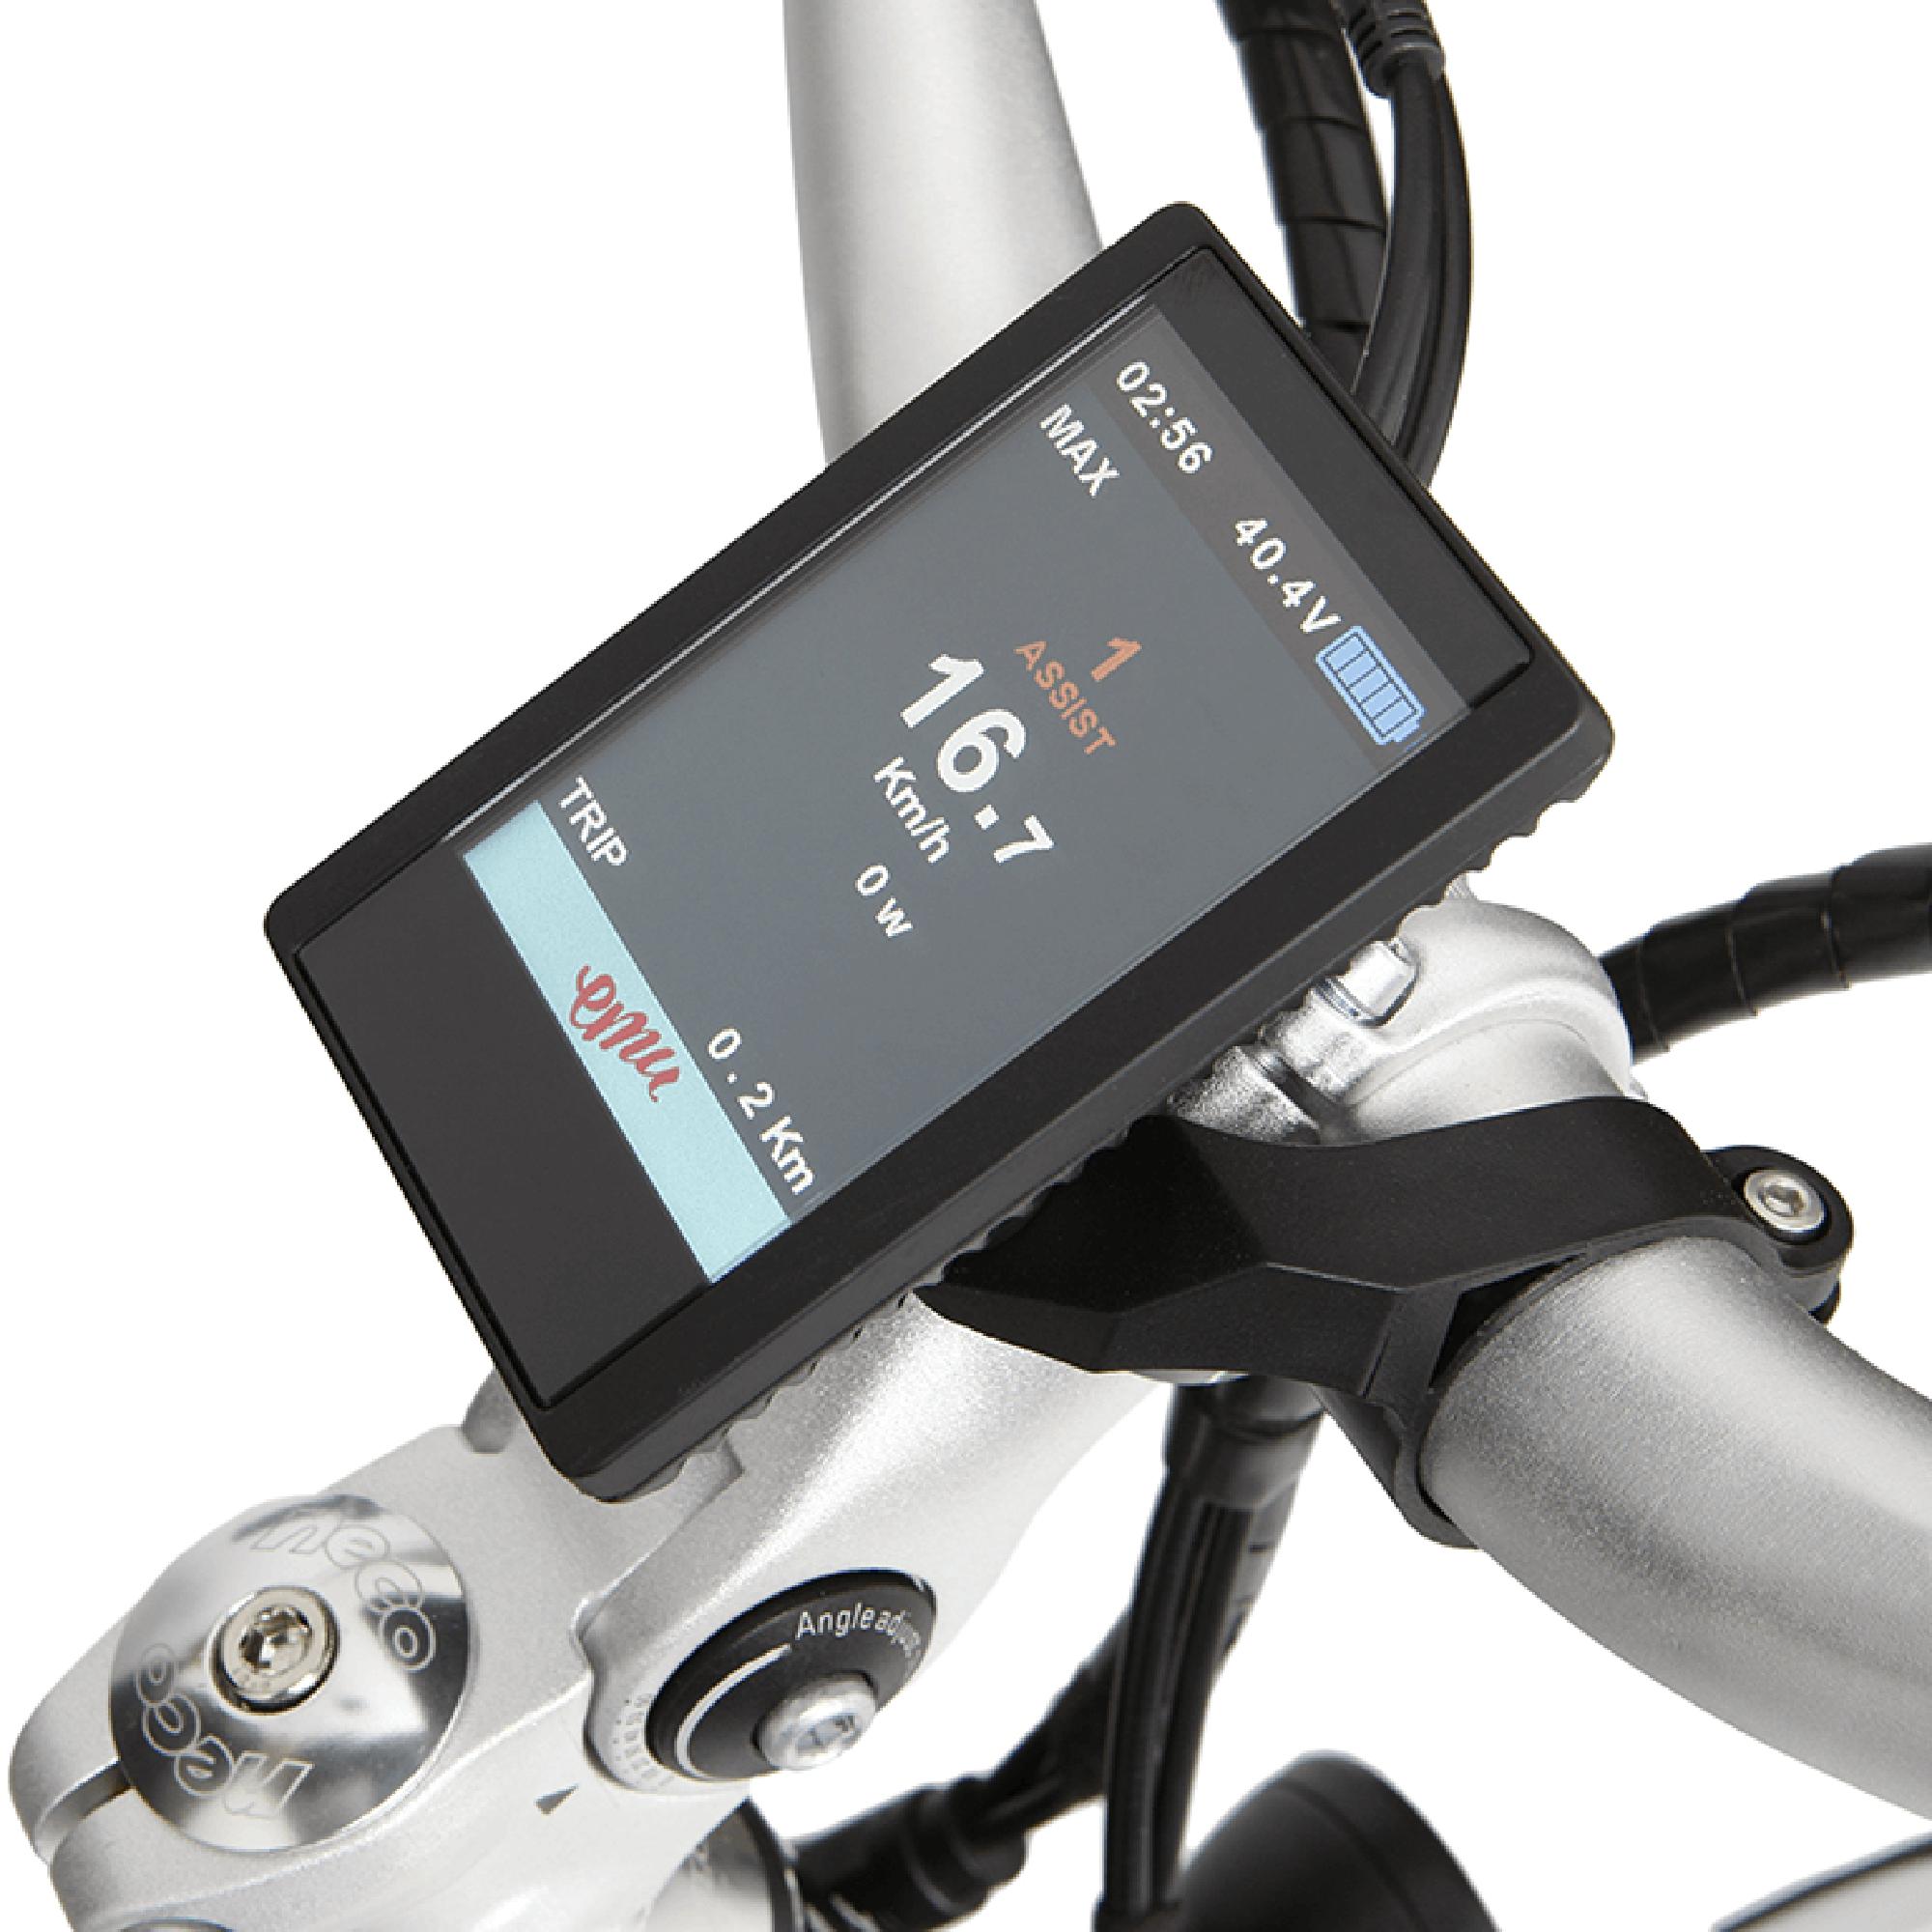 EMU LCD Display - eBikes